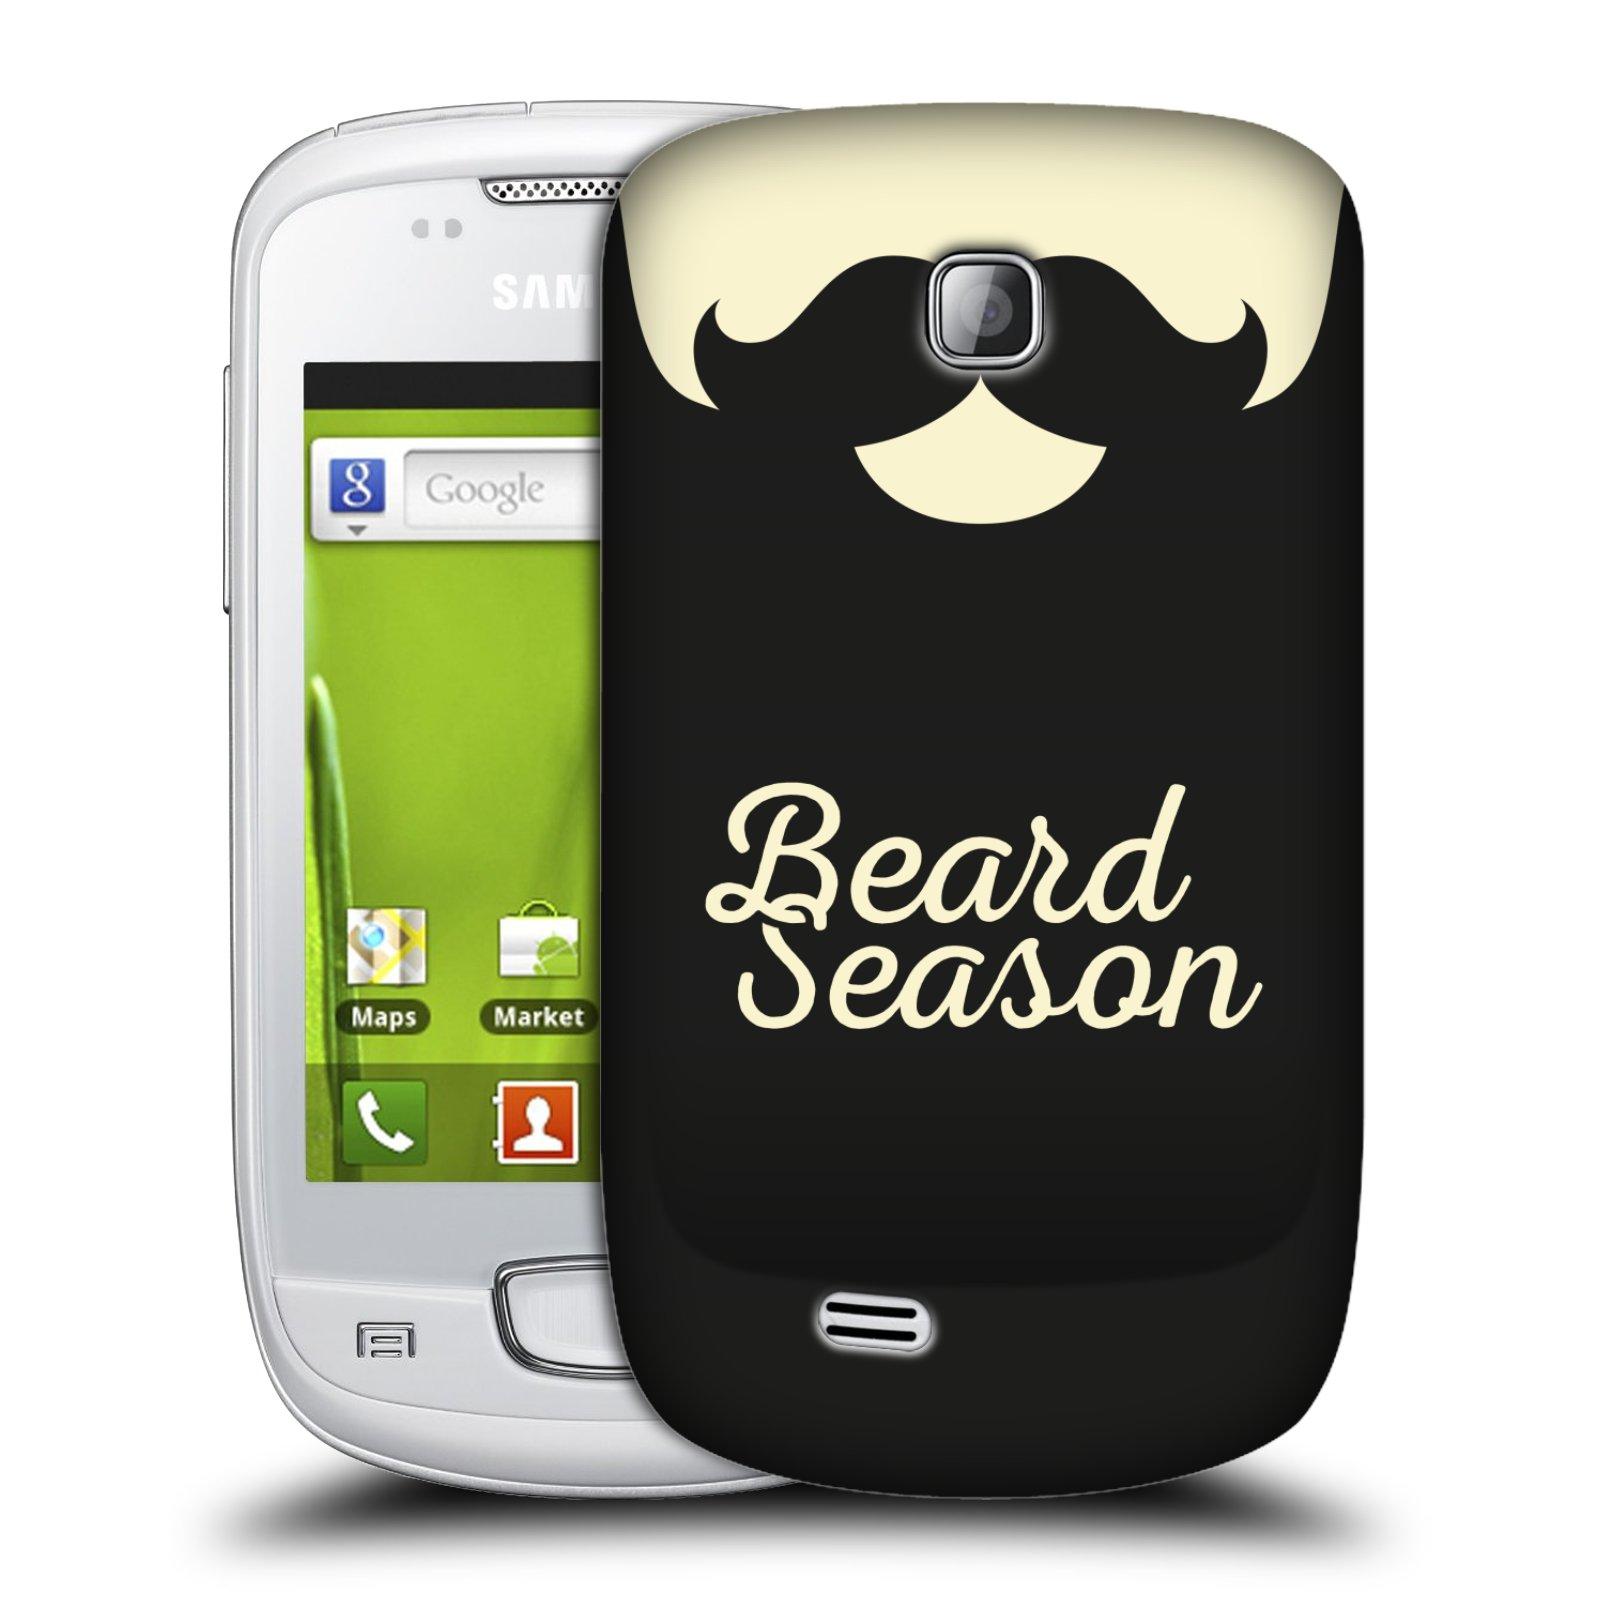 Plastové pouzdro na mobil Samsung Galaxy Mini HEAD CASE KNÍR BEARD SEASON (Plastový kryt či obal na mobilní telefon Samsung Galaxy Mini GT-S5570 / GT-S5570i)